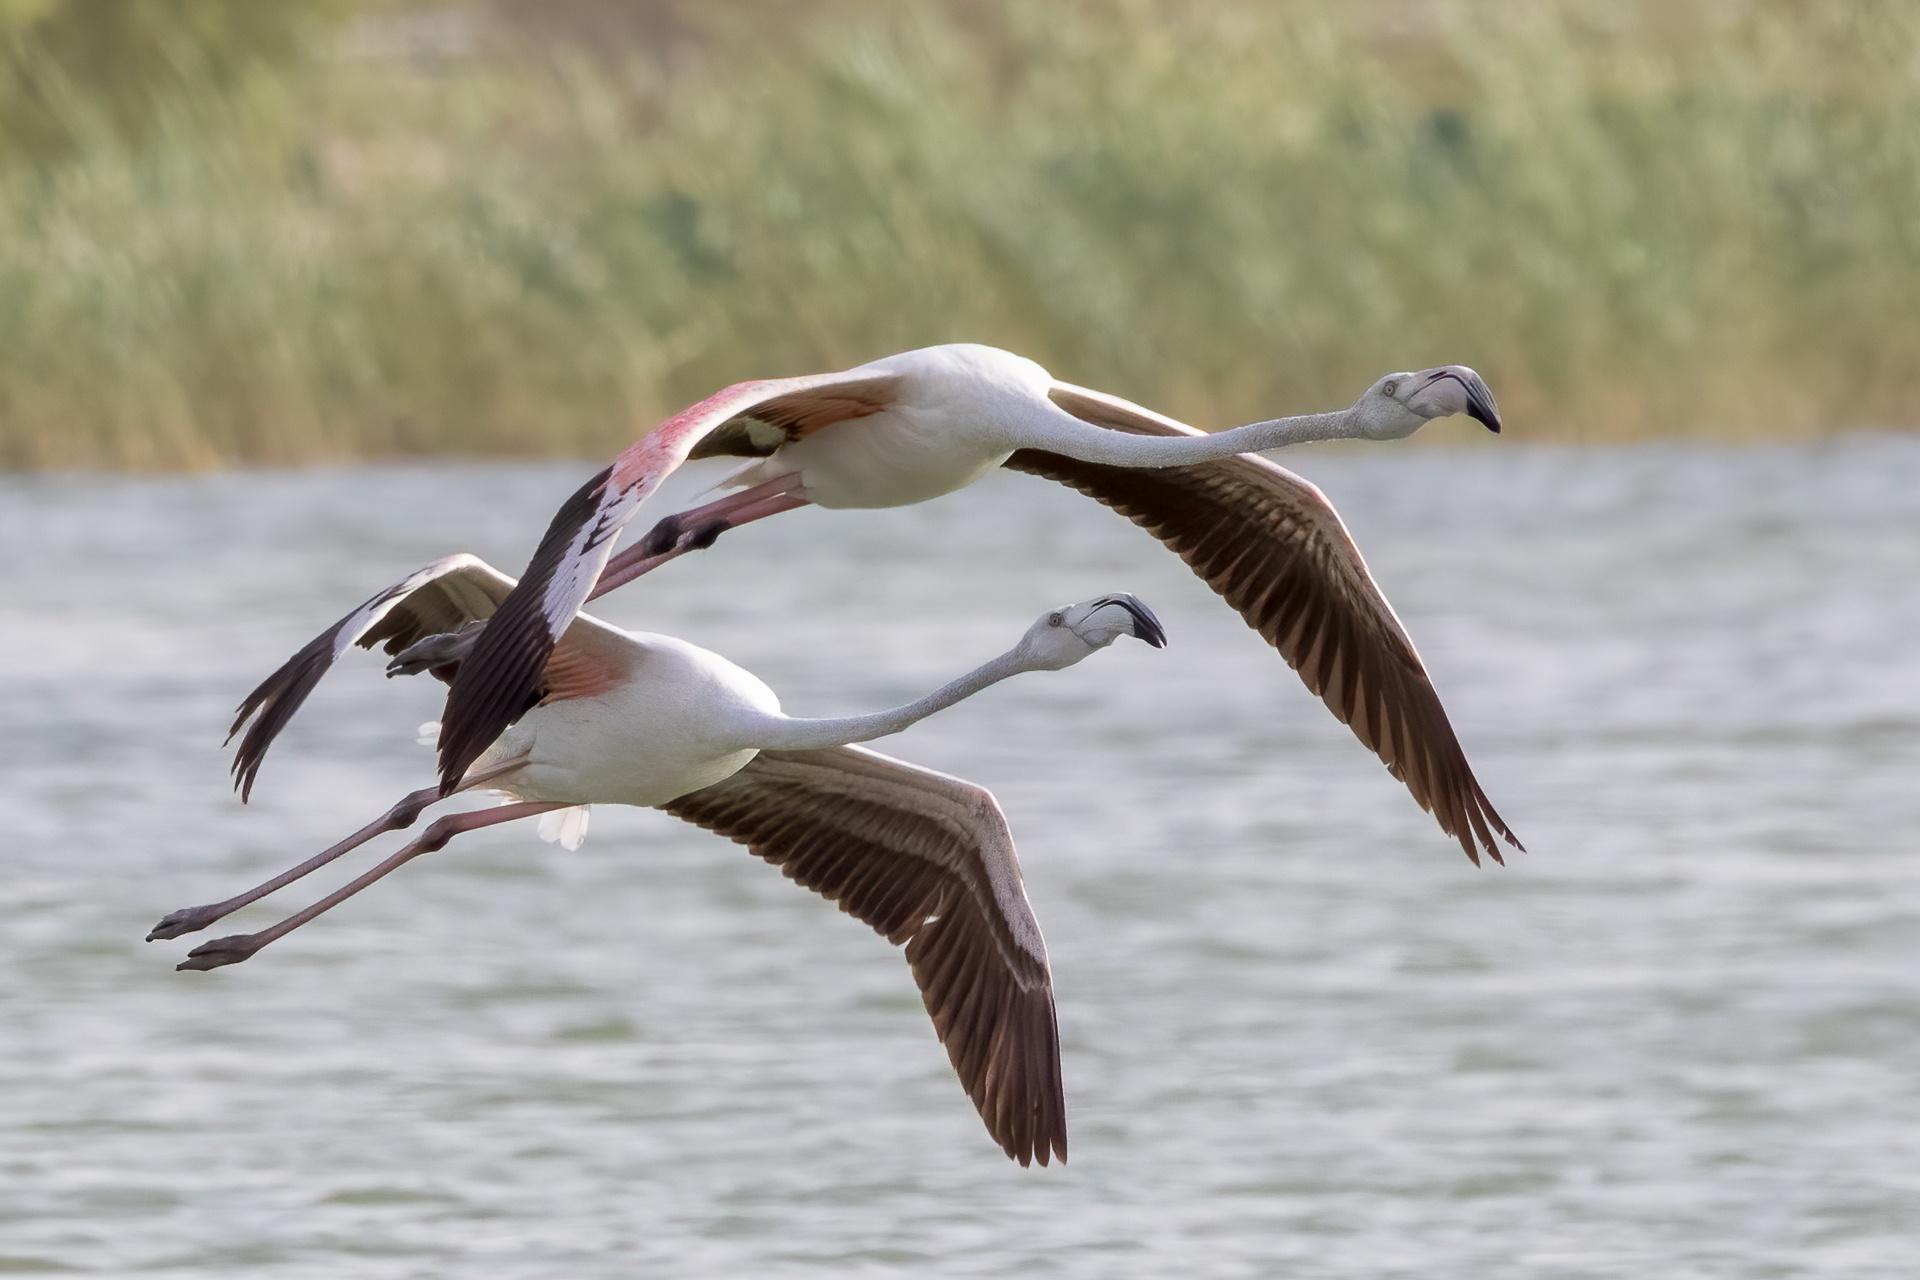 Flamingos in flight formation